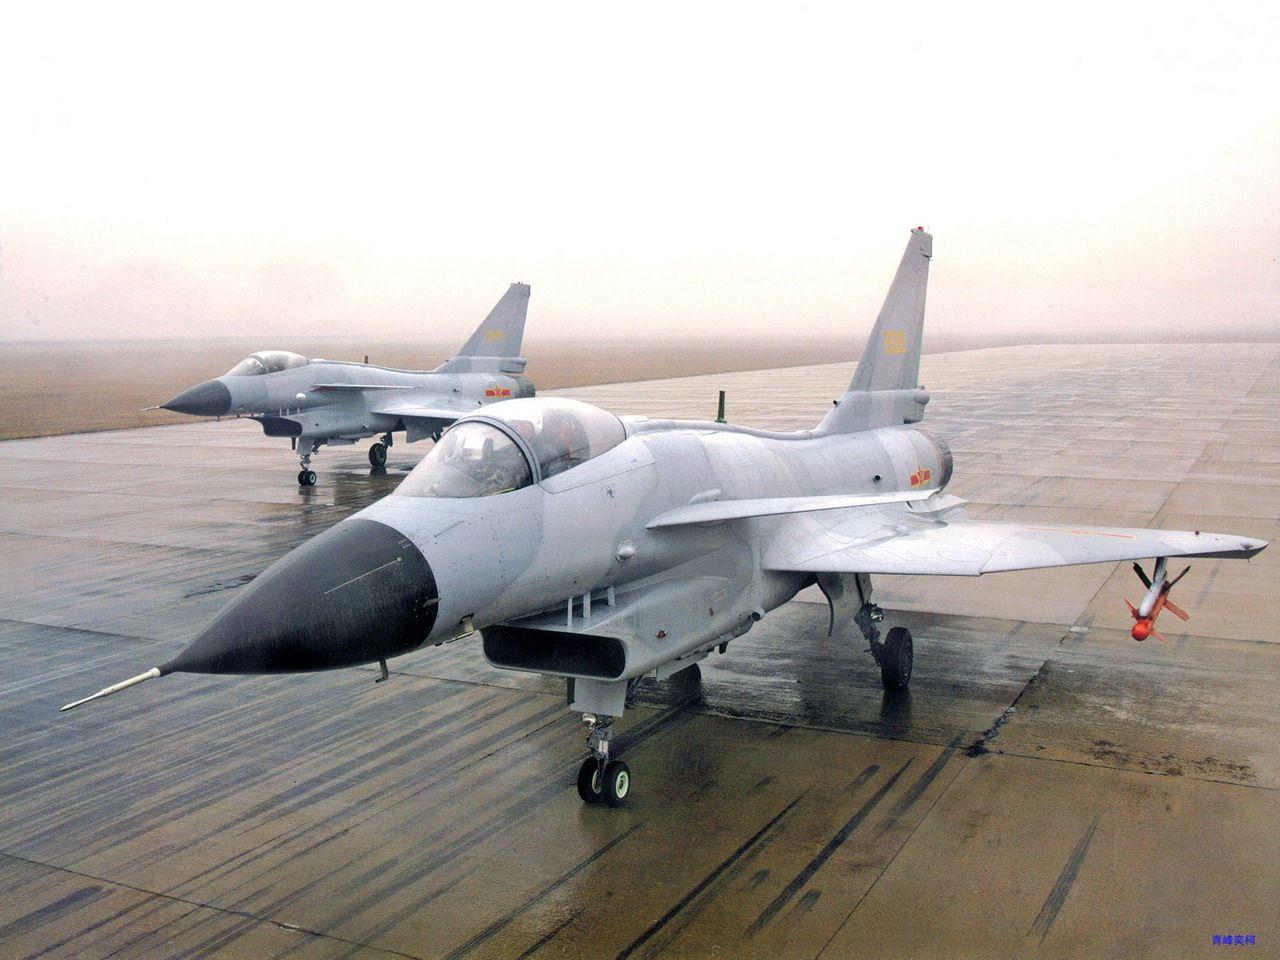 Chengdu J-10A